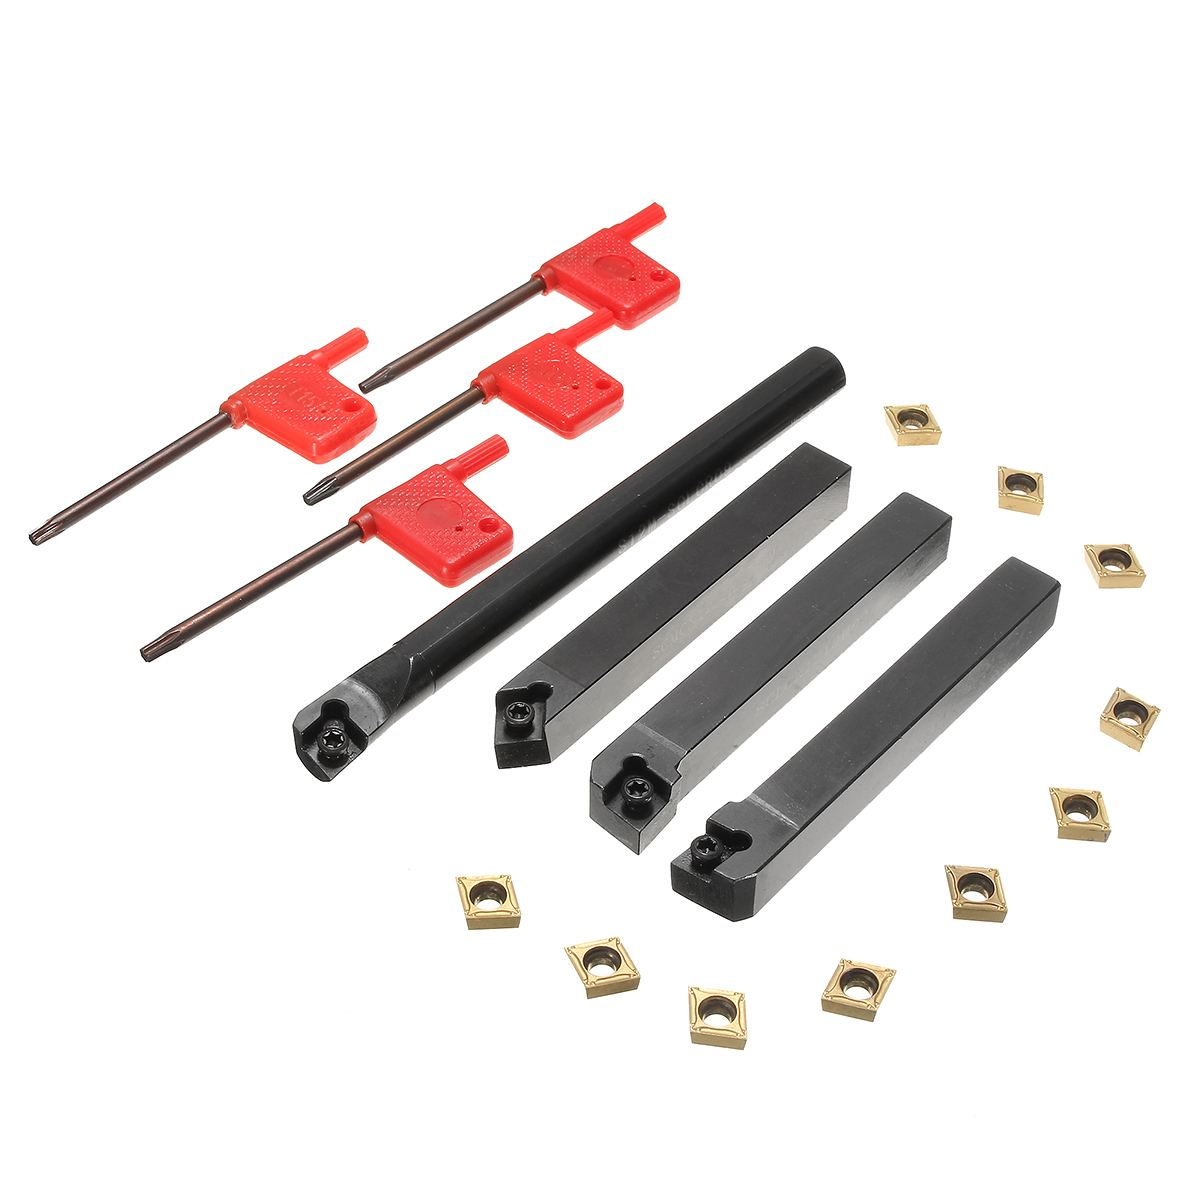 10 piezas CCMT09T304 inserto de carburo de + 4 piezas torno de inflexión de la herramienta del sostenedor Set + 4 piezas llave inglesa para torno de inflexión de la juegos de herramientas